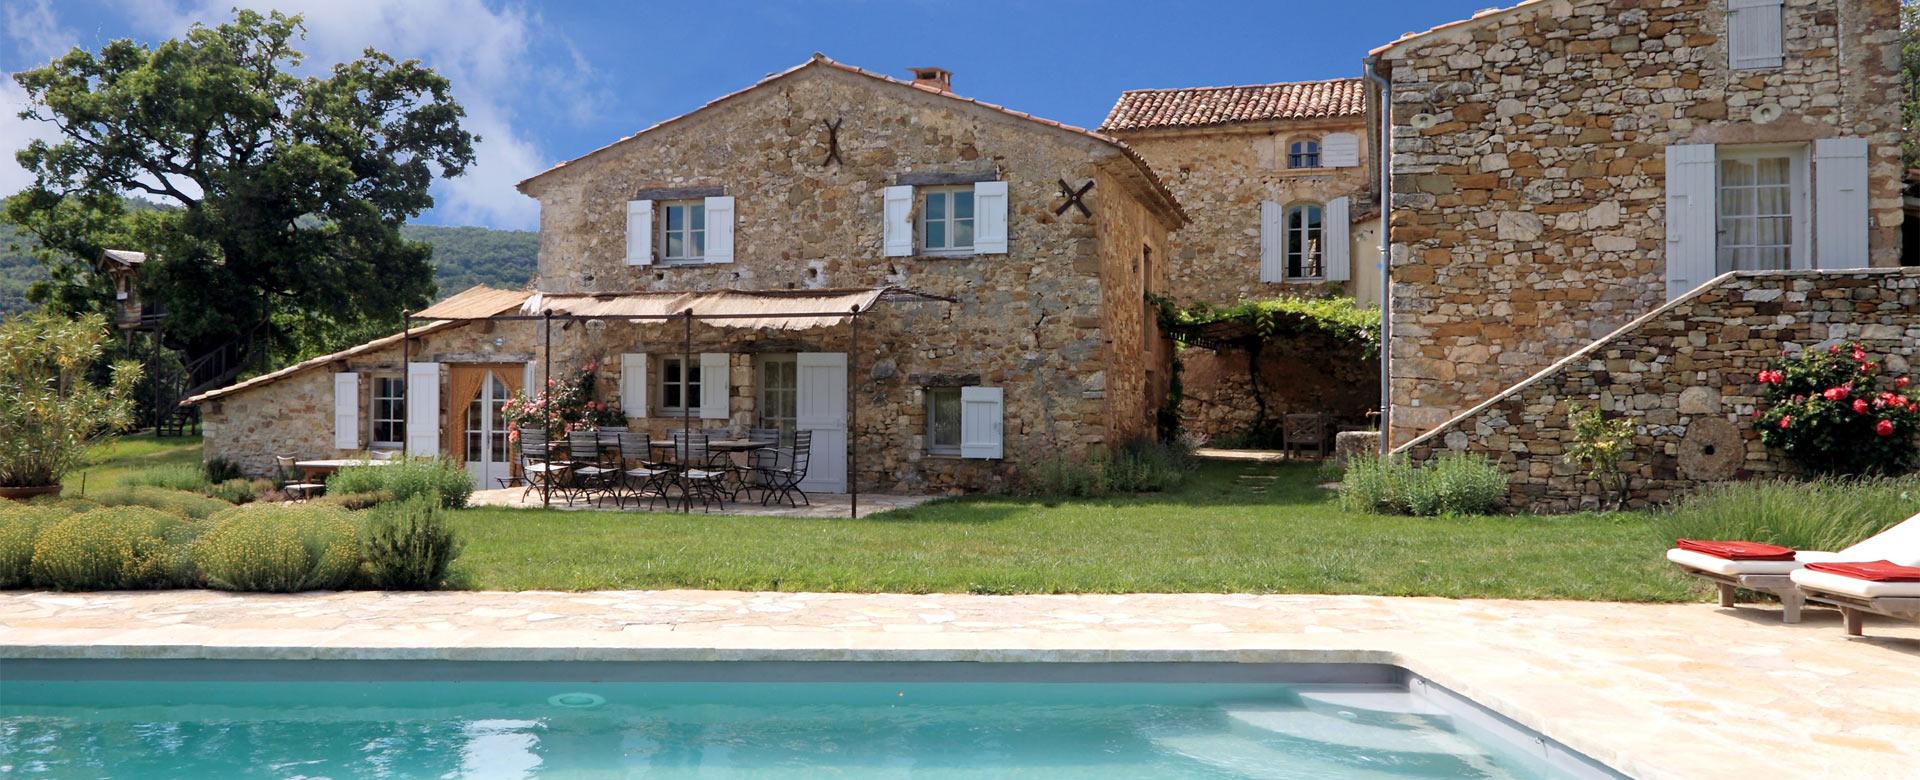 Location de villa de luxe dans le luberon villanovo for Location villa